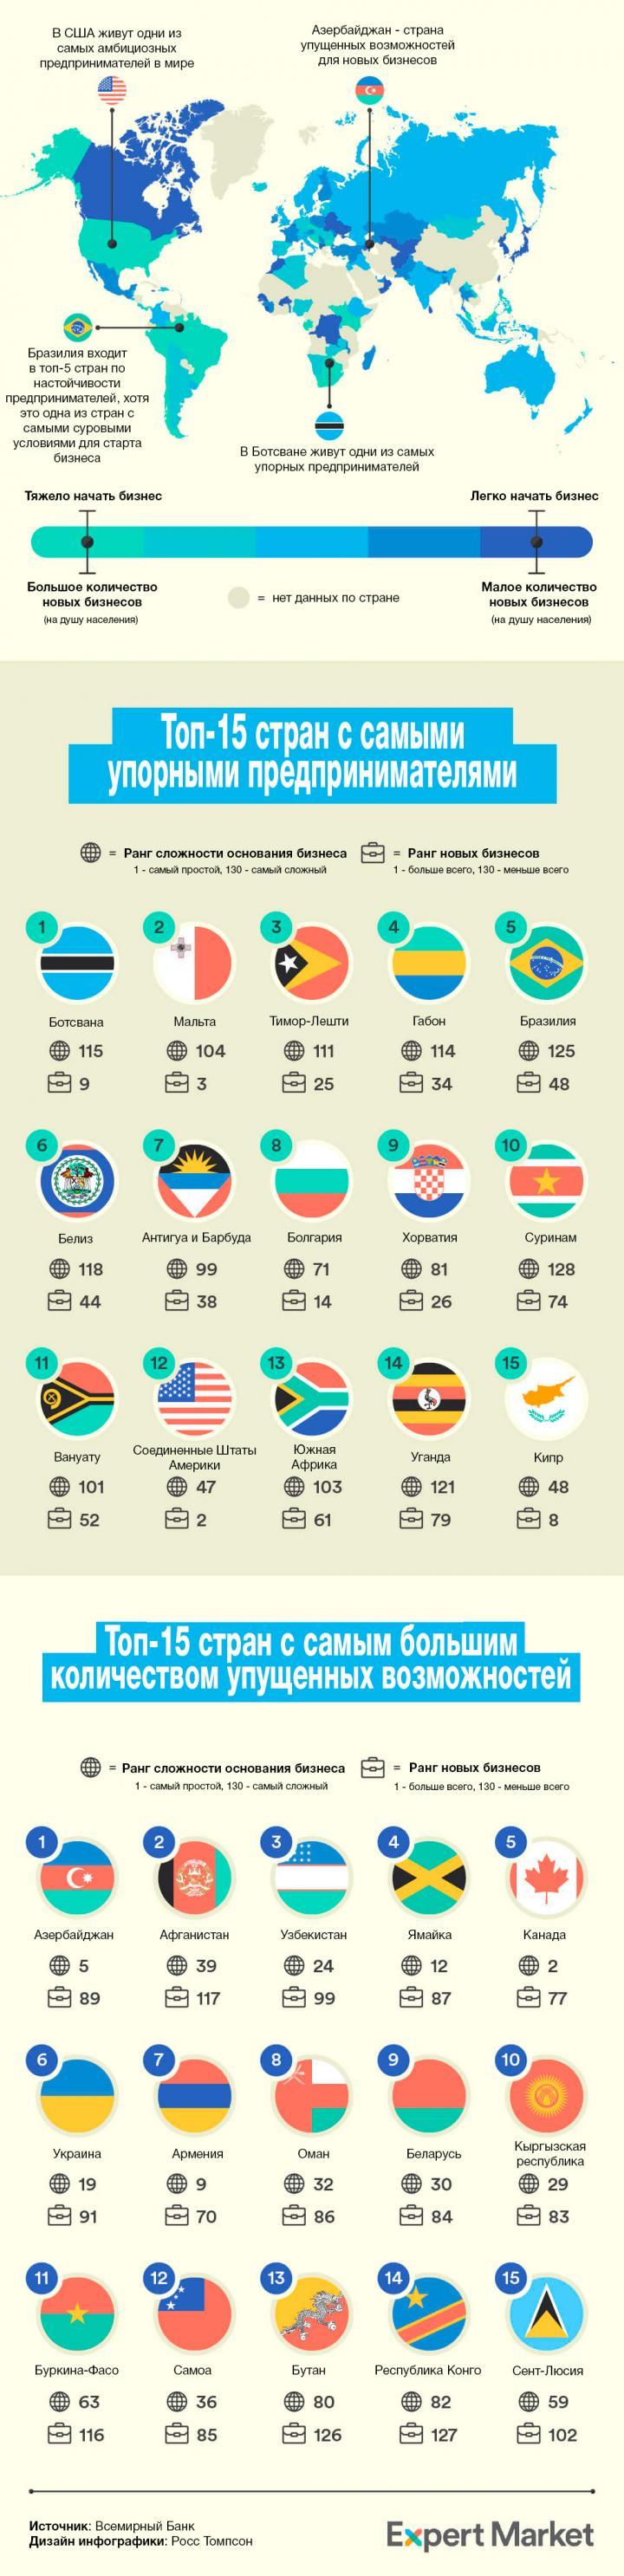 Как выглядит Украина на карте мира по упорству предпринимателей (инфографика)